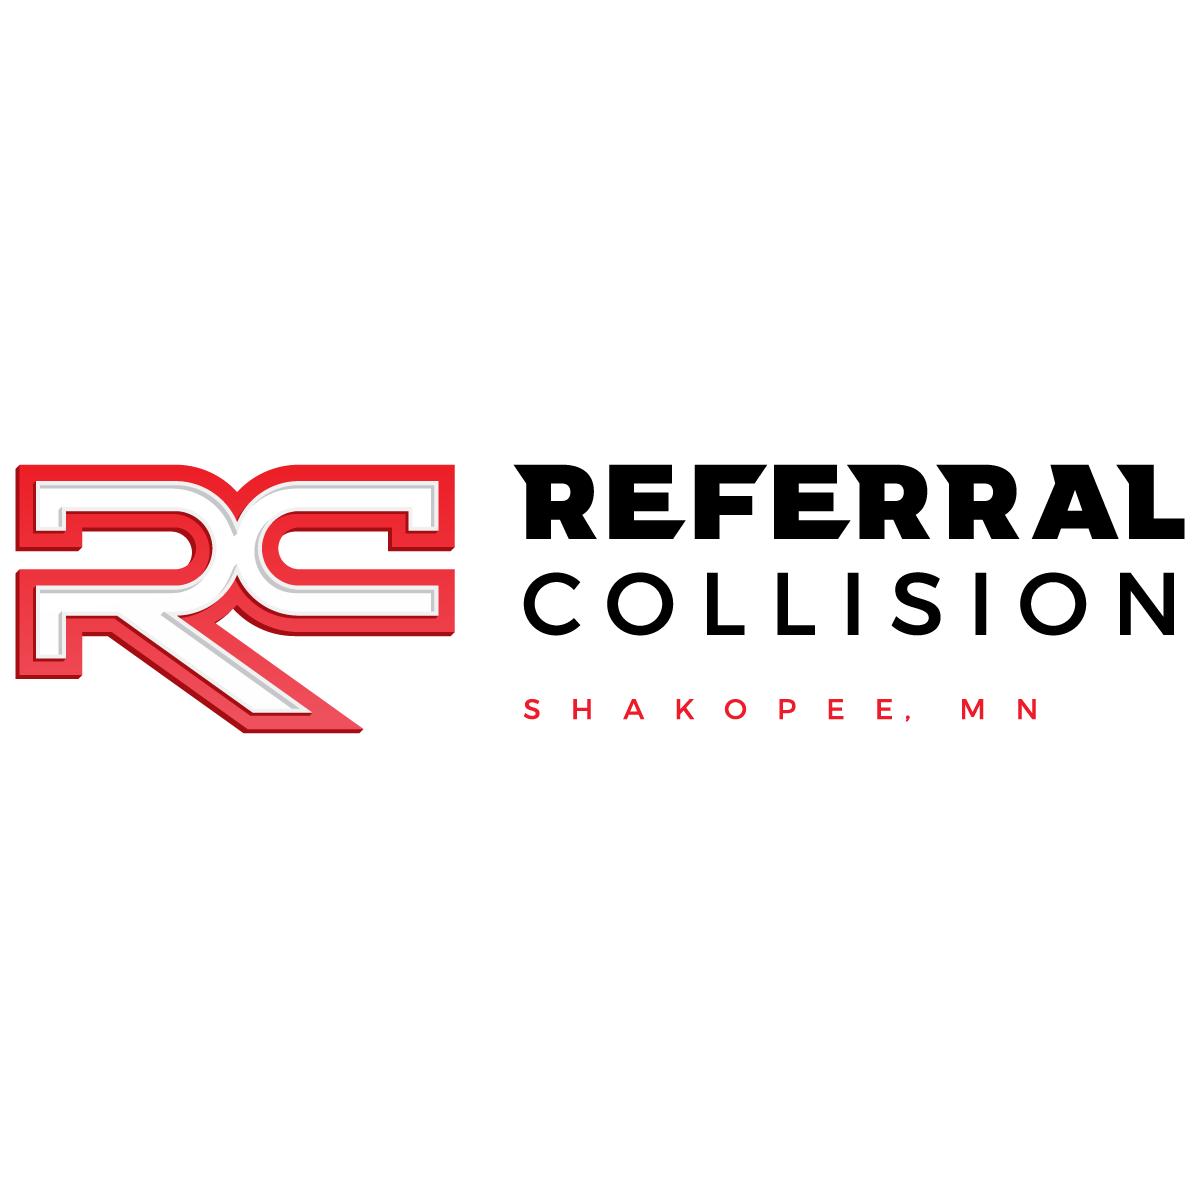 Referral Collision LLC